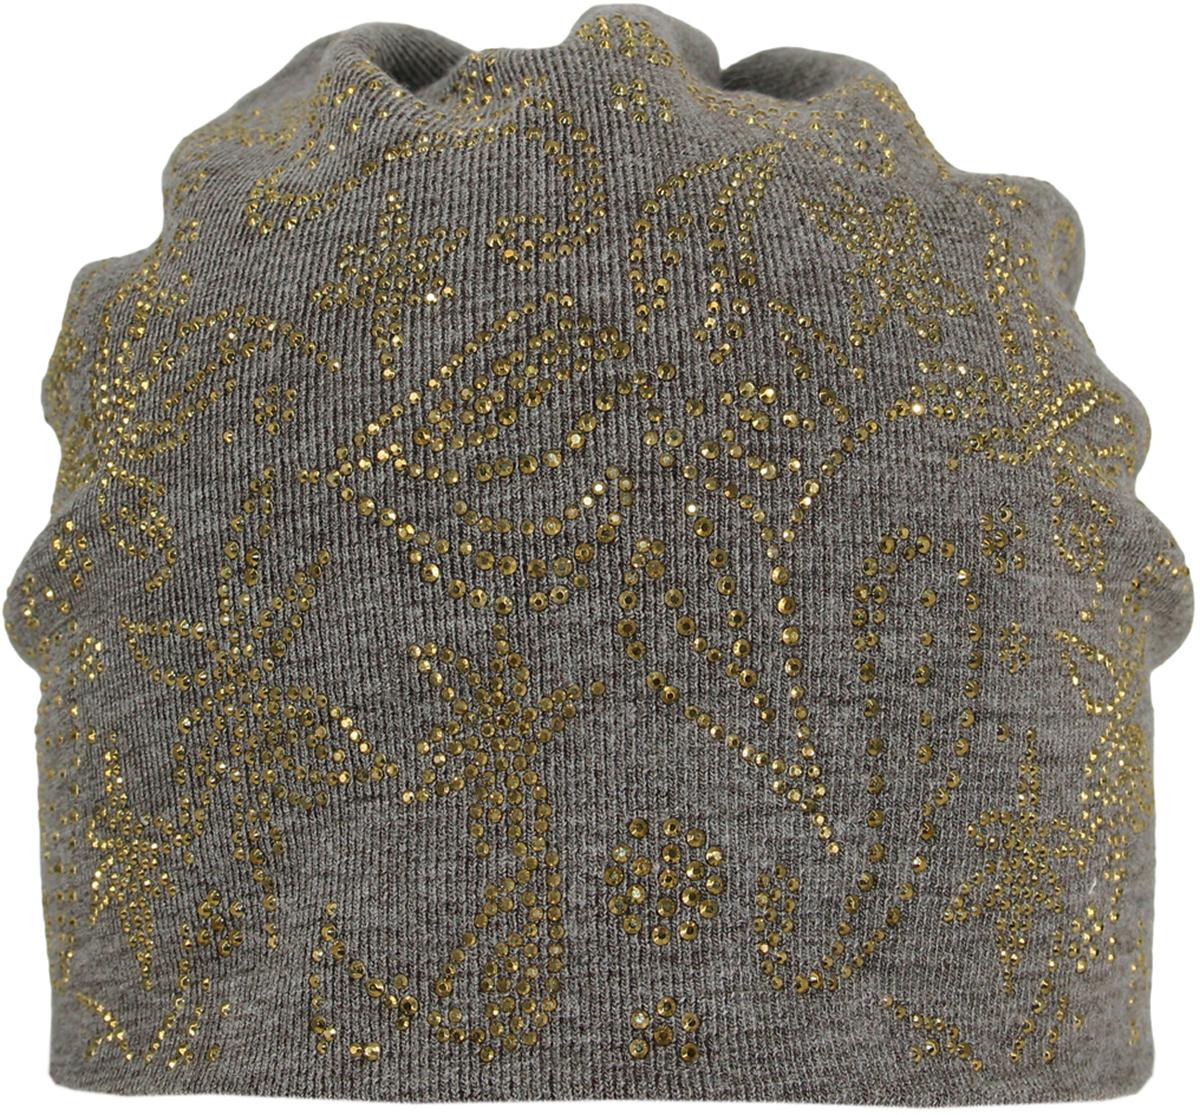 Шапка женская Level Pro, цвет: серо-зеленый. 383624. Размер 56/58383624Стильная женская шапка Level Pro дополнит ваш наряд и не позволит вам замерзнуть в холодное время года. Шапка выполнена из шерсти и полиэстера, что позволяет ей великолепно сохранять тепло, и обеспечивает высокую эластичность и удобство посадки. Изделие оформлено оригинальным принтом выложенным из страз. Такая шапка составит идеальный комплект с модной верхней одеждой, в ней вам будет уютно и тепло.